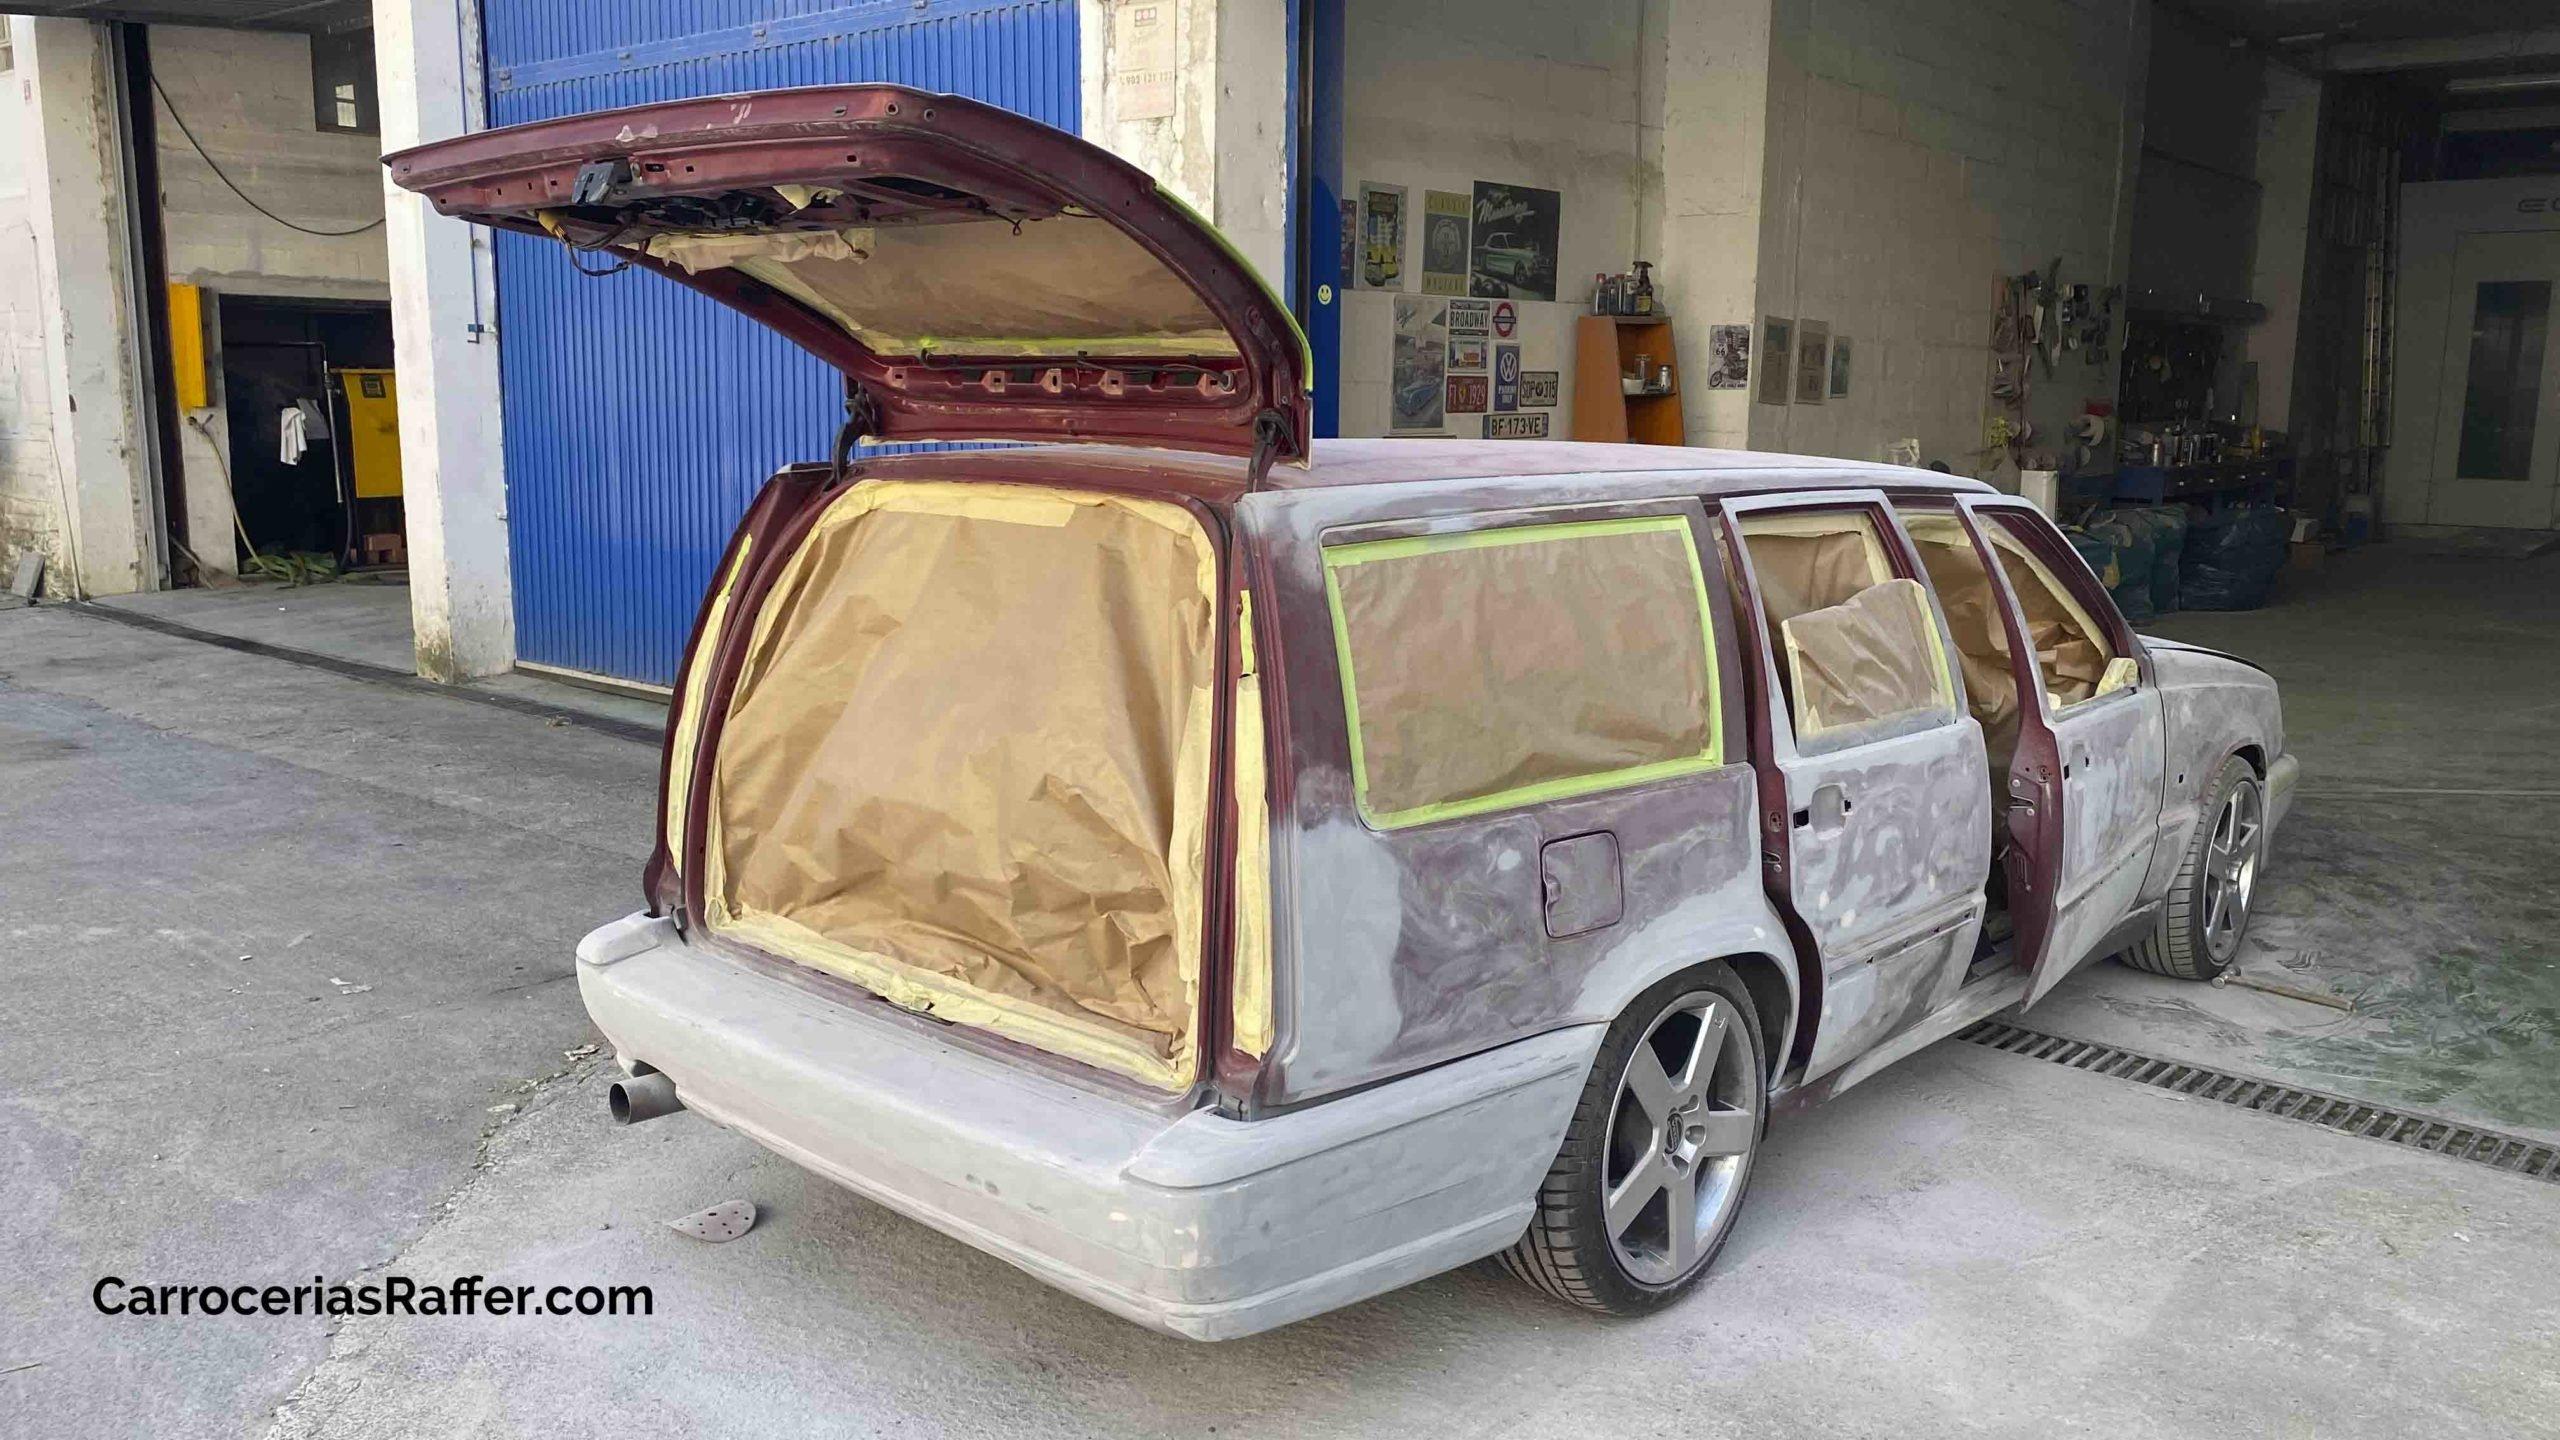 volvo 850 sw pintar coche de rojo a gris carrocerias raffer donostia hernani gipuzkoa taller de chapa y pintura4